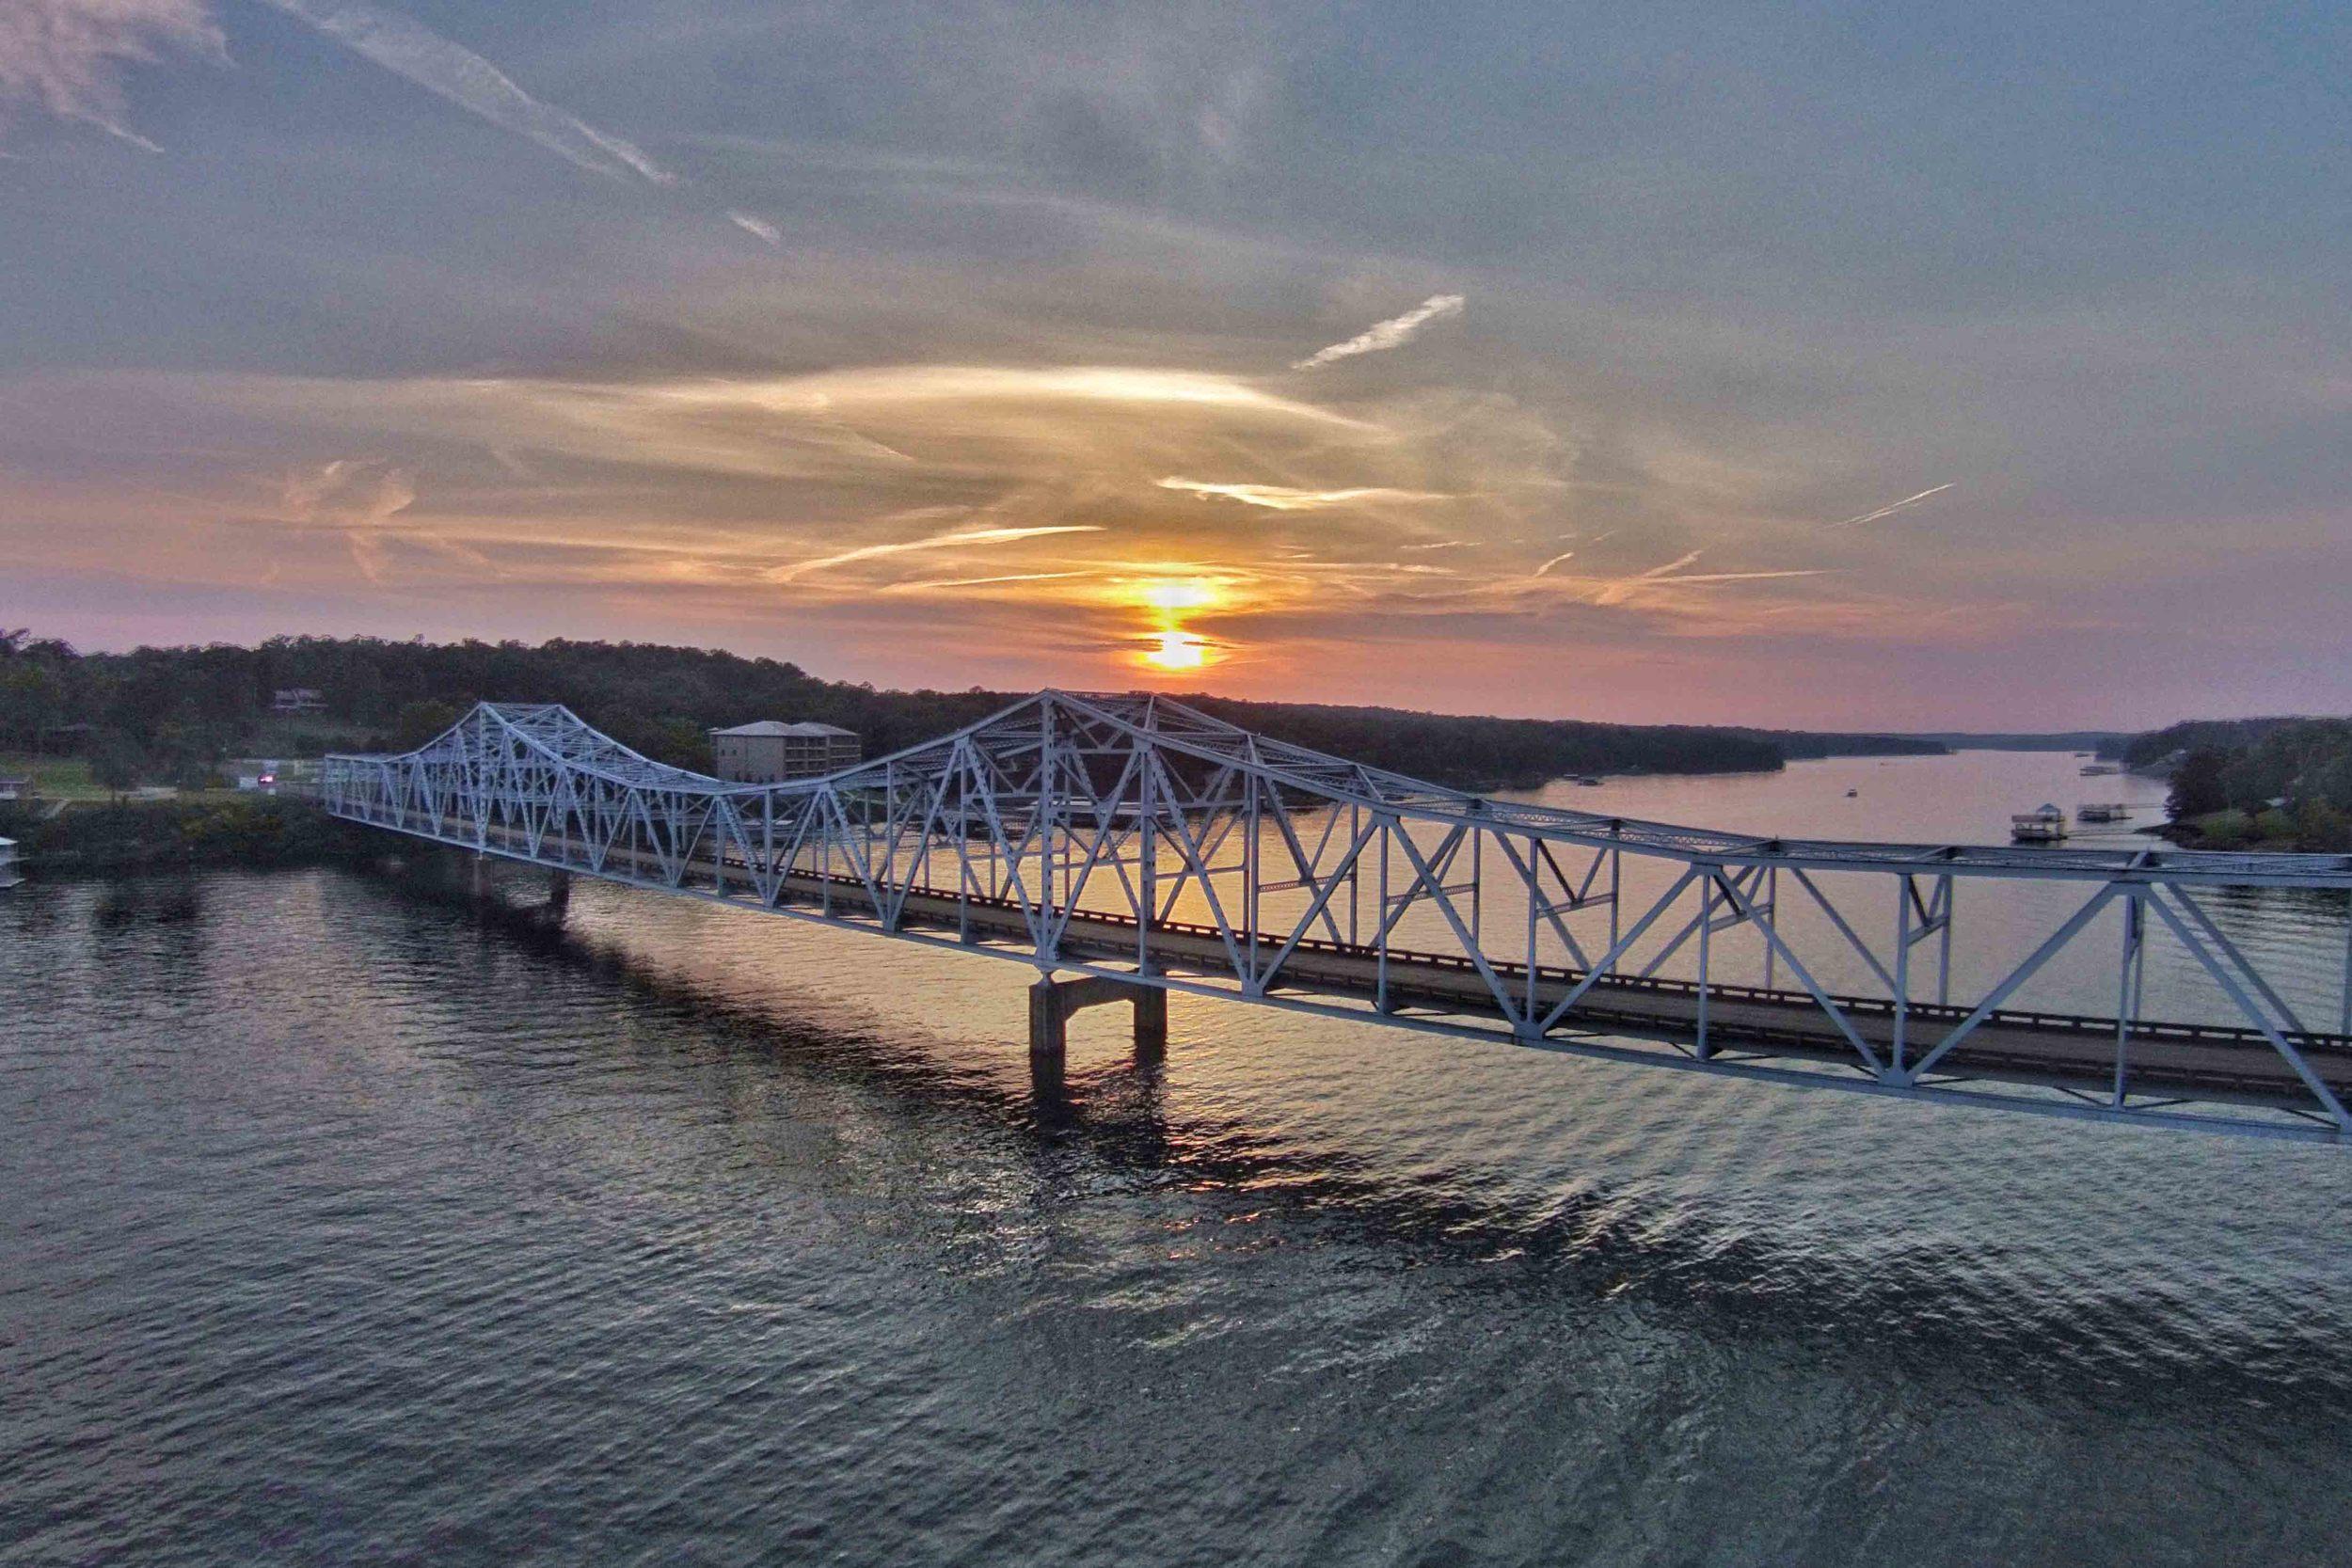 Sunset at Duncan Bridge on Lewis Smith Lake